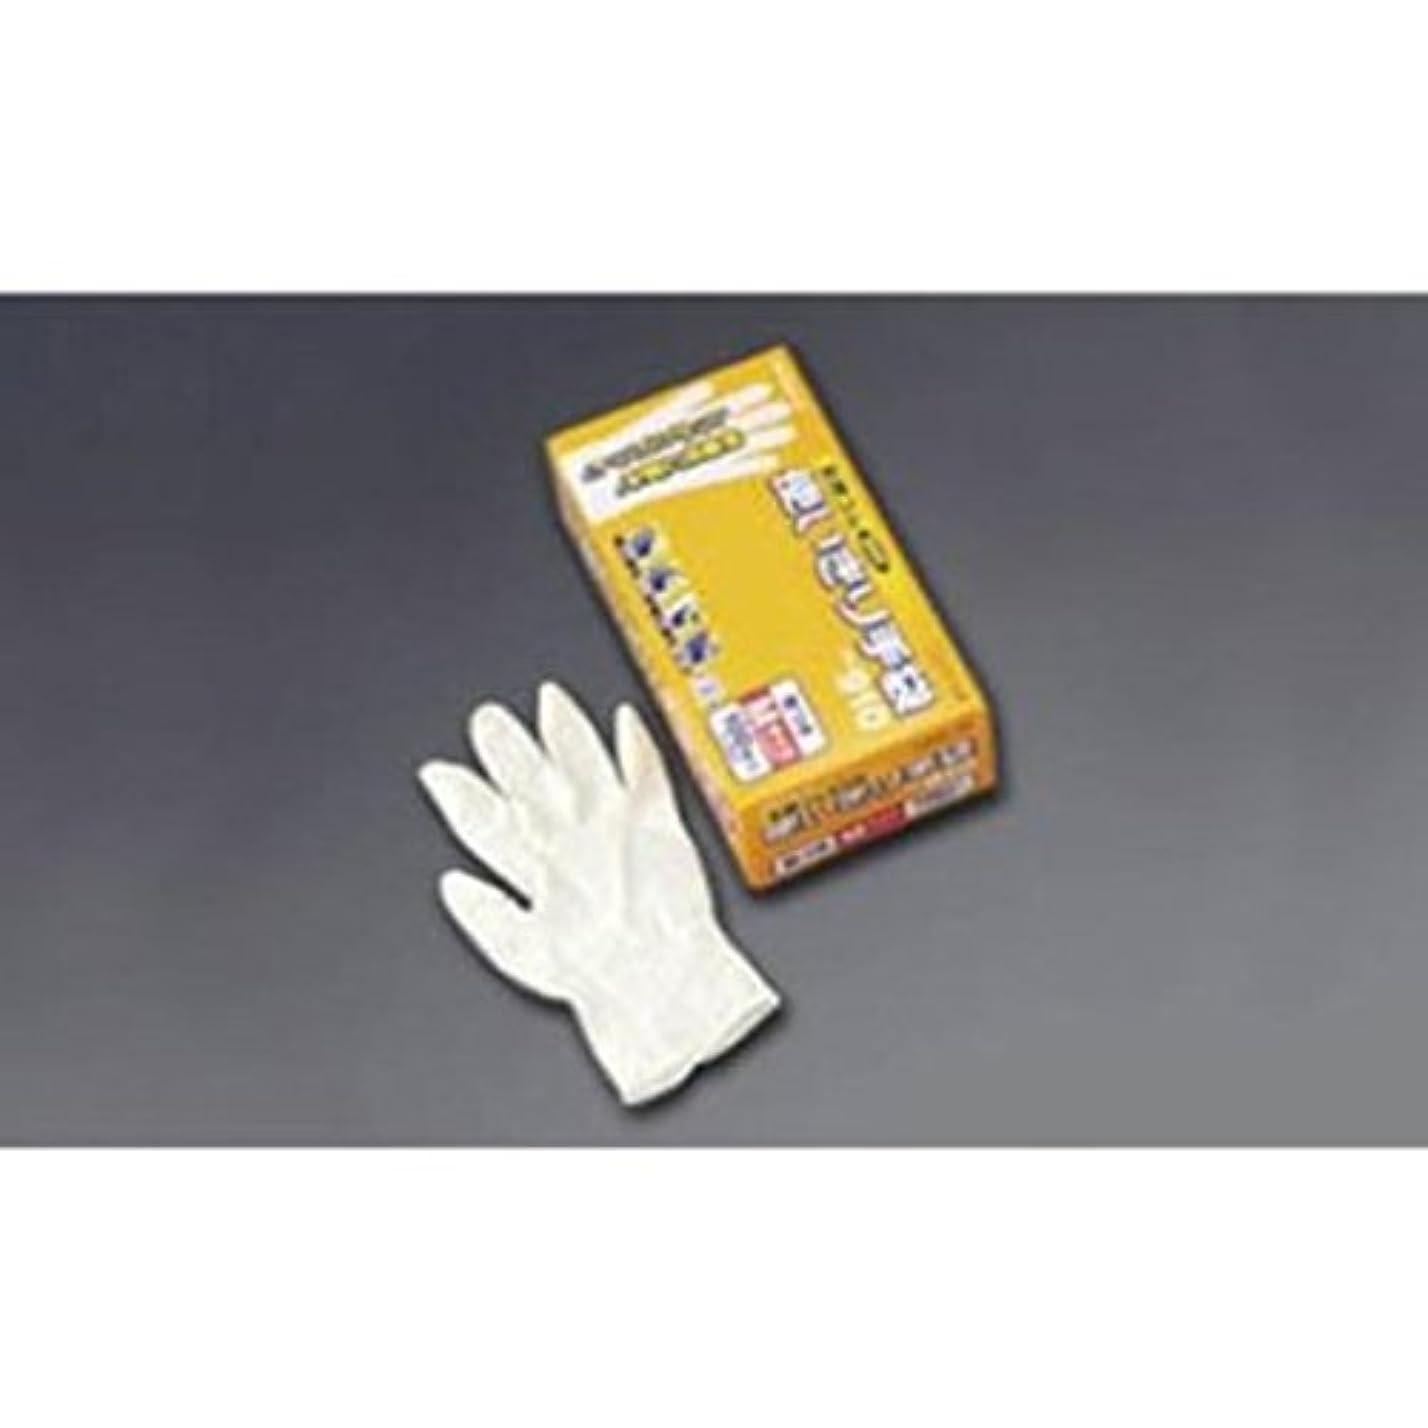 散る教育学第三(まとめ買い)エステー 天然ゴム使い切り手袋 No.910 M 【×3セット】